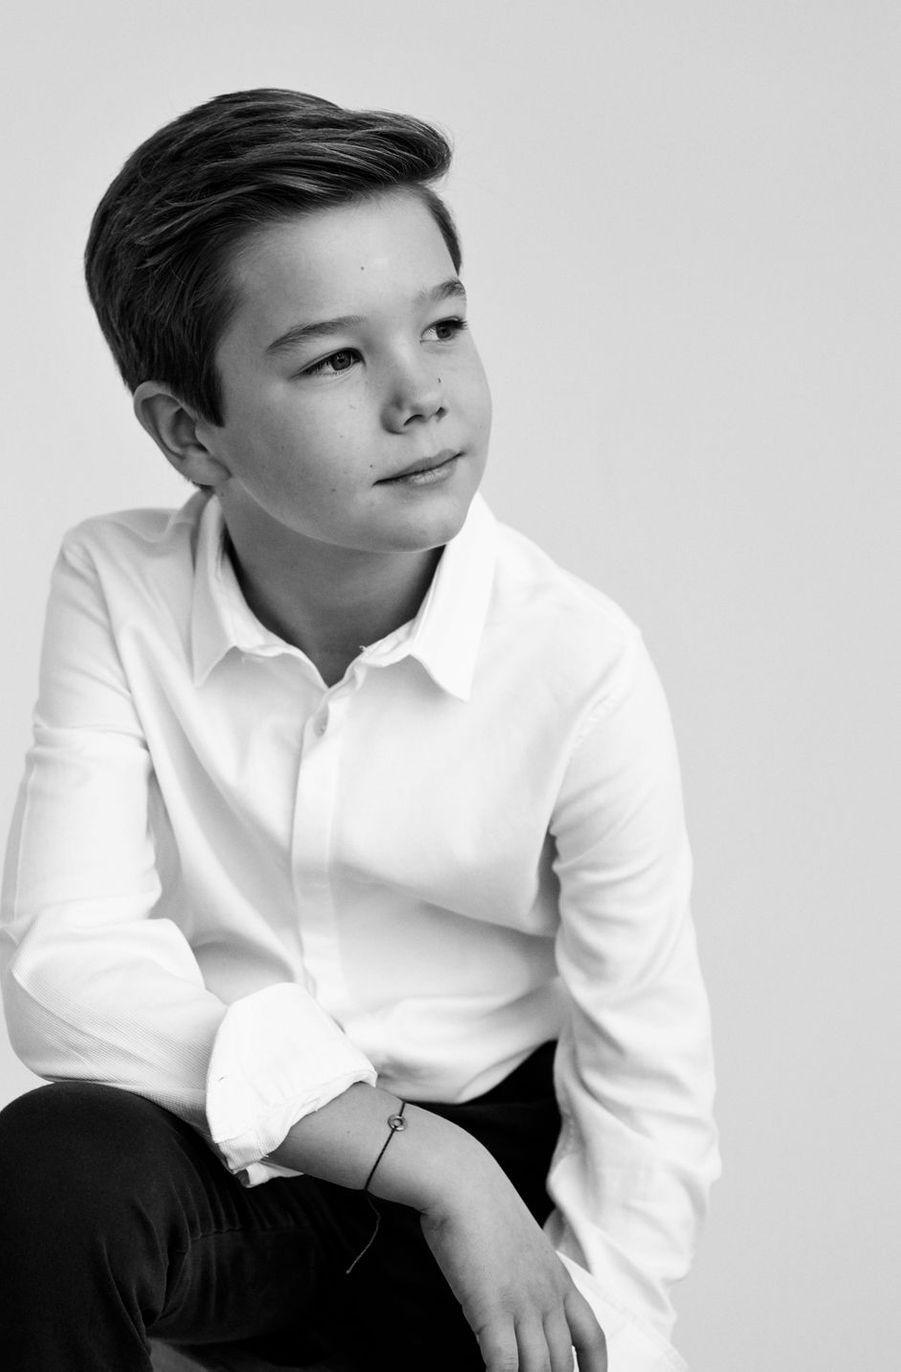 Le prince Vincent de Danemark. Portrait en noir et blanc diffusé le 8 janvier 2021 pour ses 10 ans